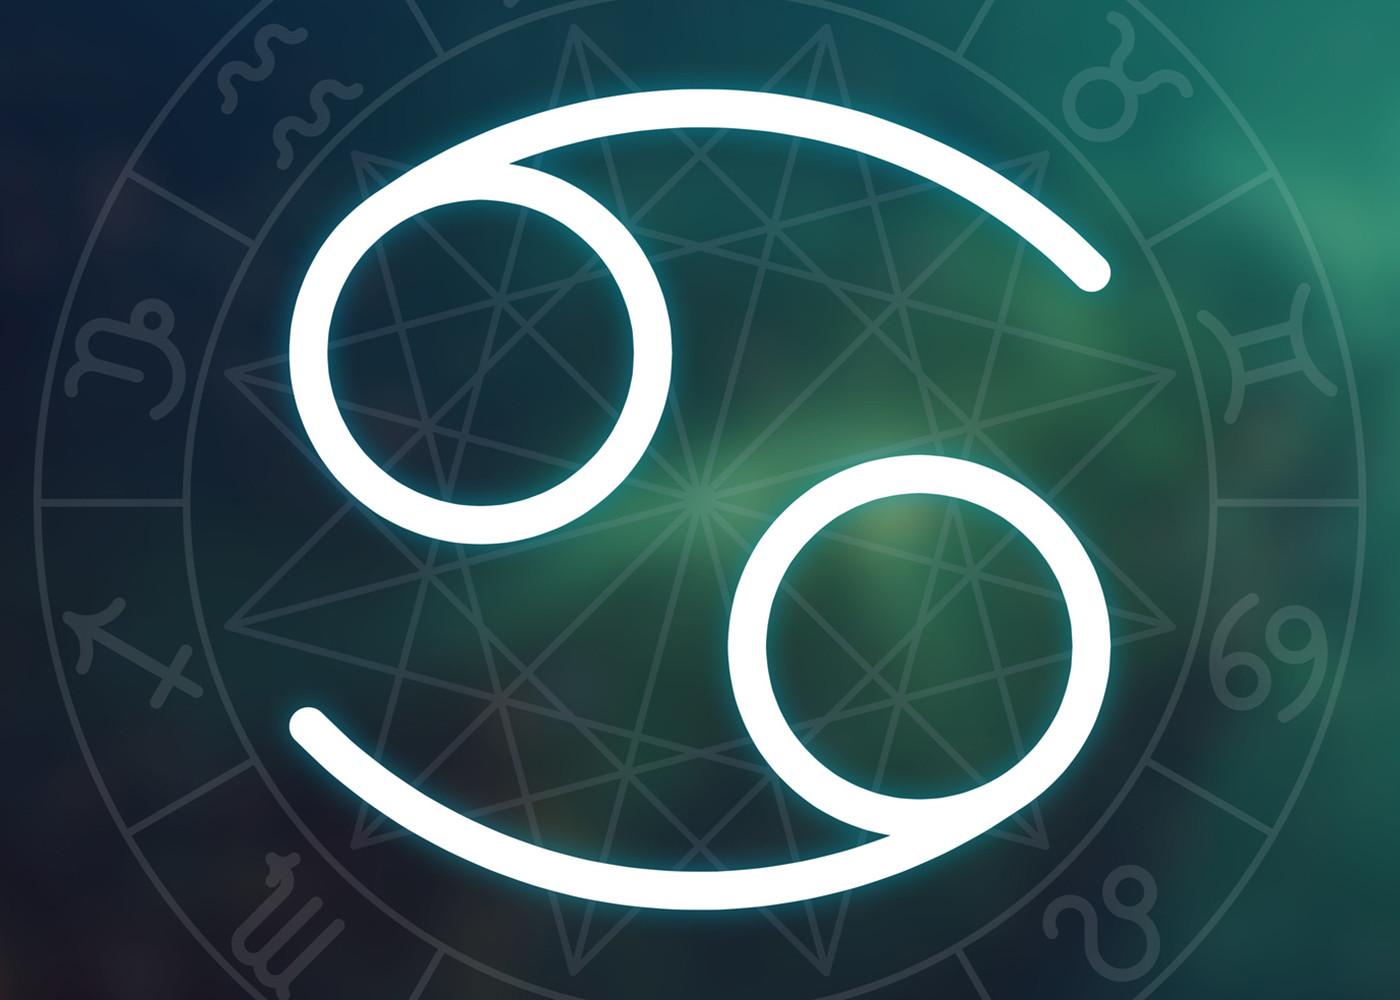 Morgen liebe horoskop krebs Tageshoroskop: Krebs